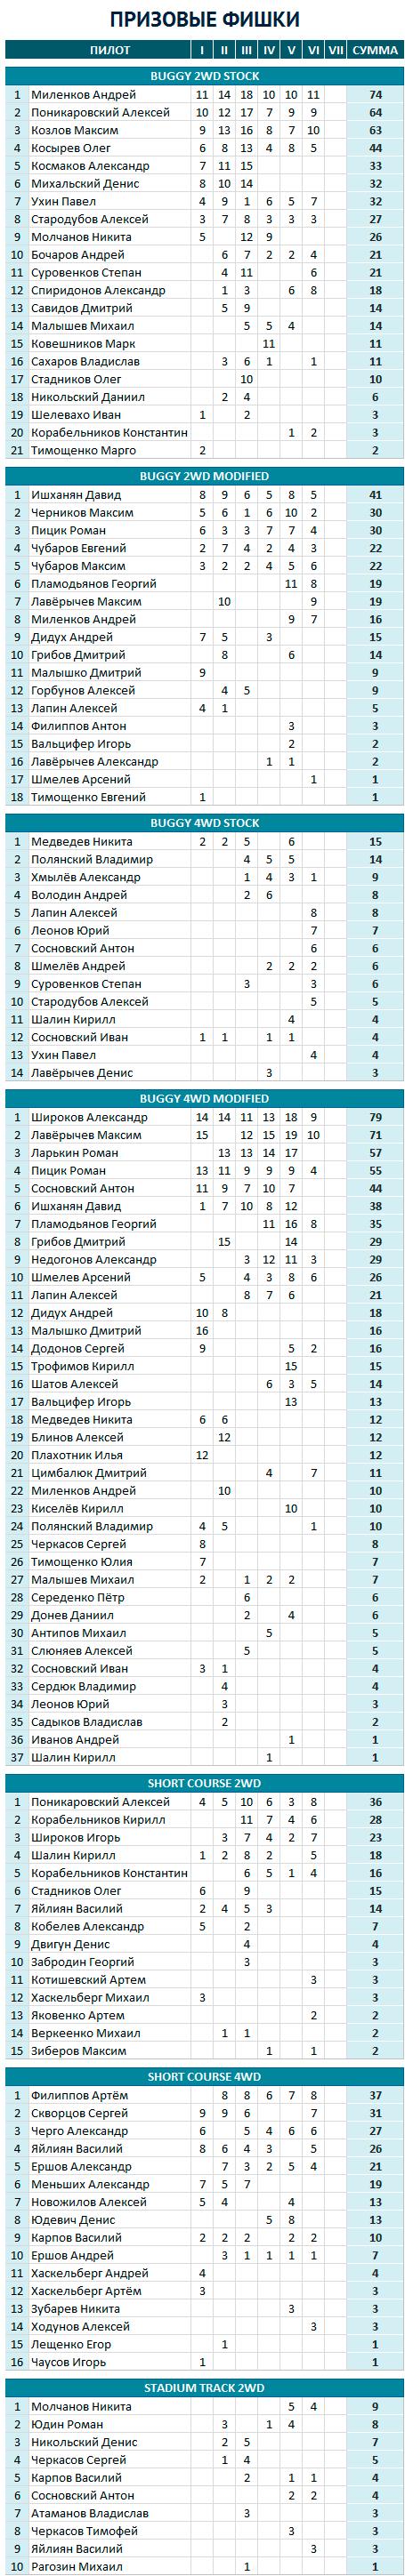 Призовые фишки Кубка трёх тюленей 2014 Соревнования радиоуправляемых внедорожников 1:10 в Москве